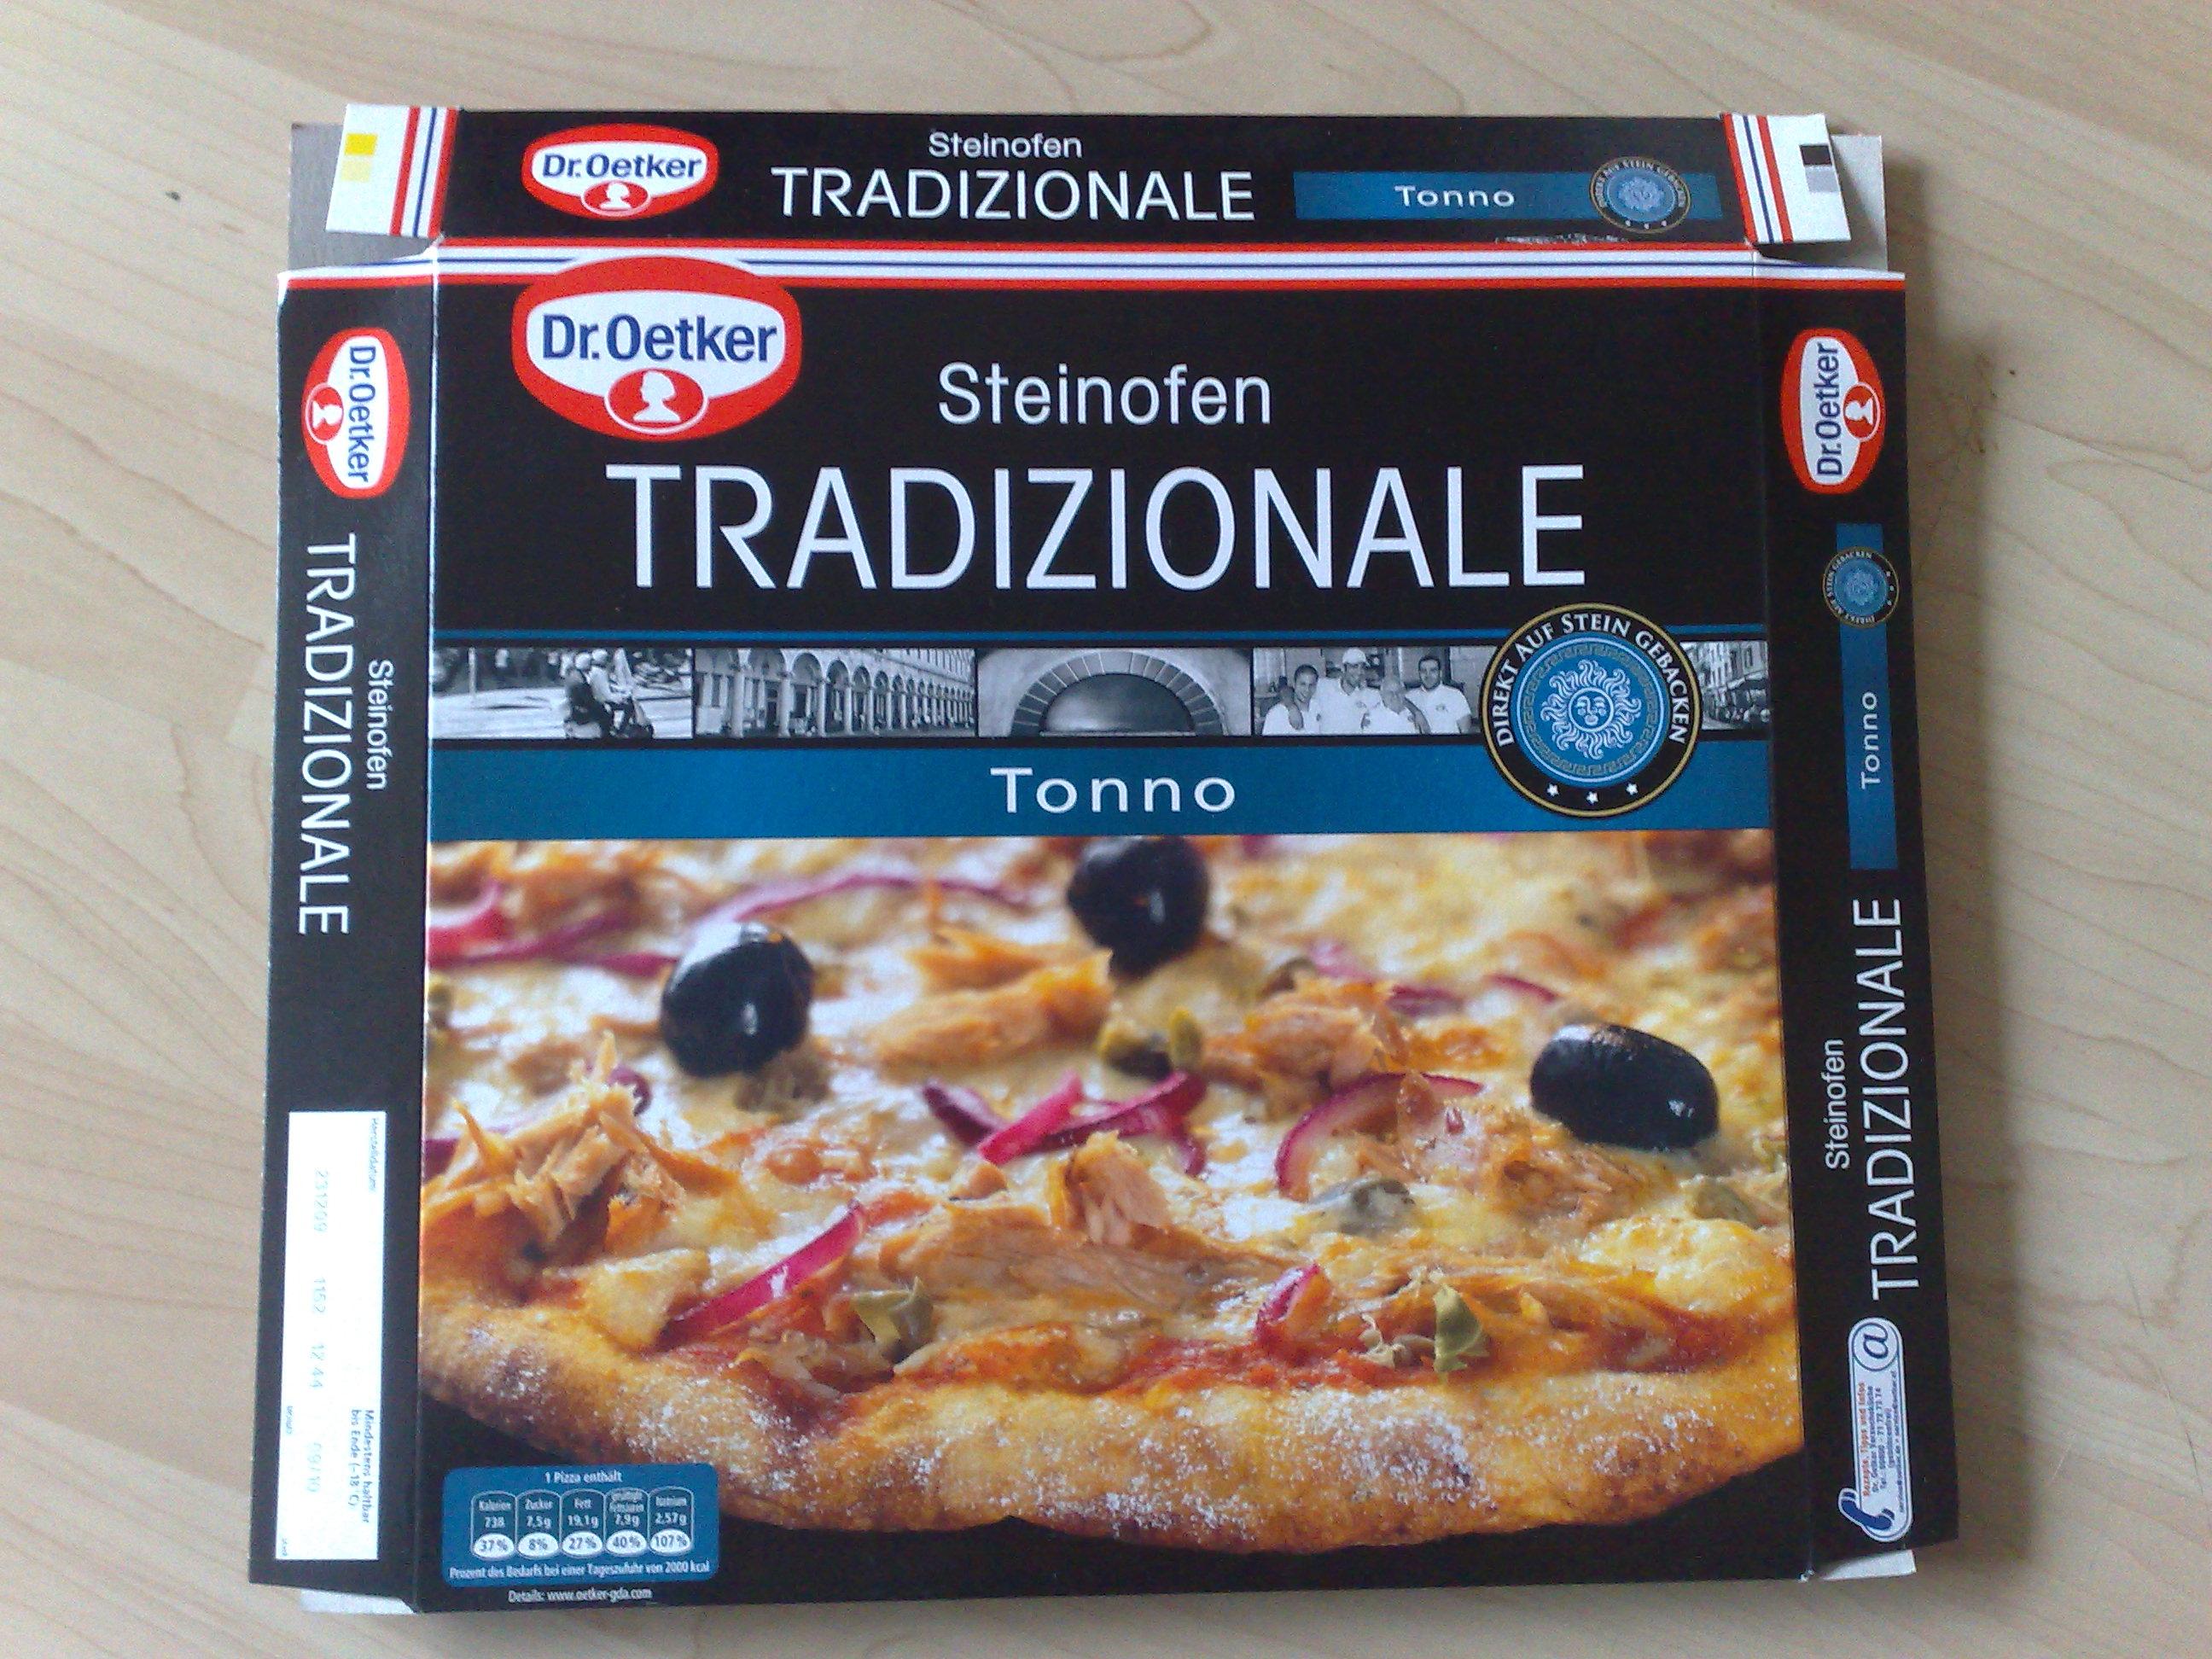 Und heute kommt auch schon direkt der zweite Pizza Test zur Dr.Oetker's Tradizionale. Dieses mal probiere ich die Tonno Variante aus, nachdem ich beim letzten mal ja schon die Salame Pizza probiert habe.